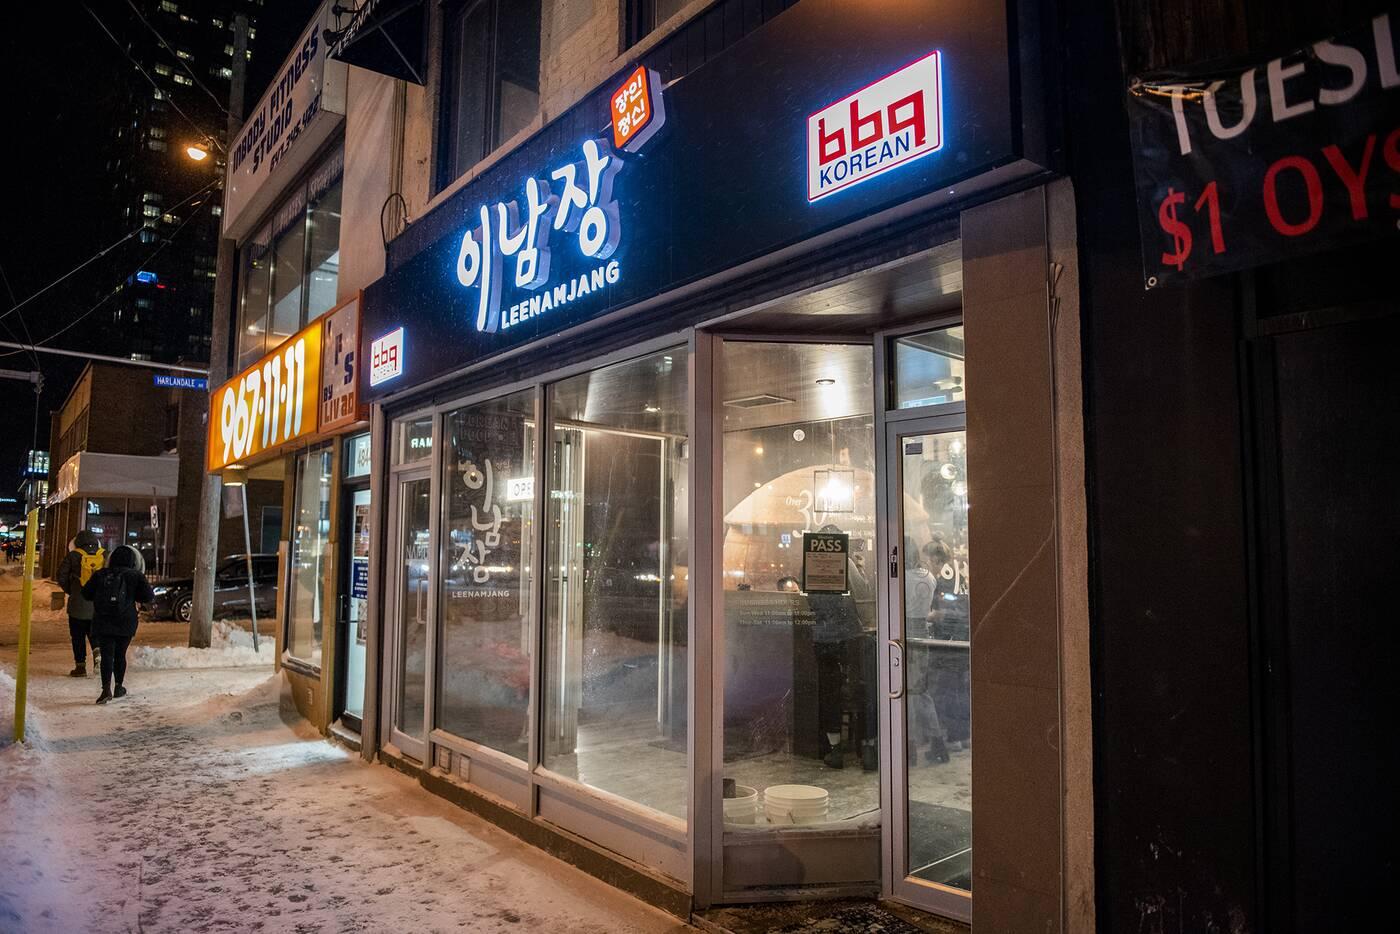 Lee Nam Jang Toronto